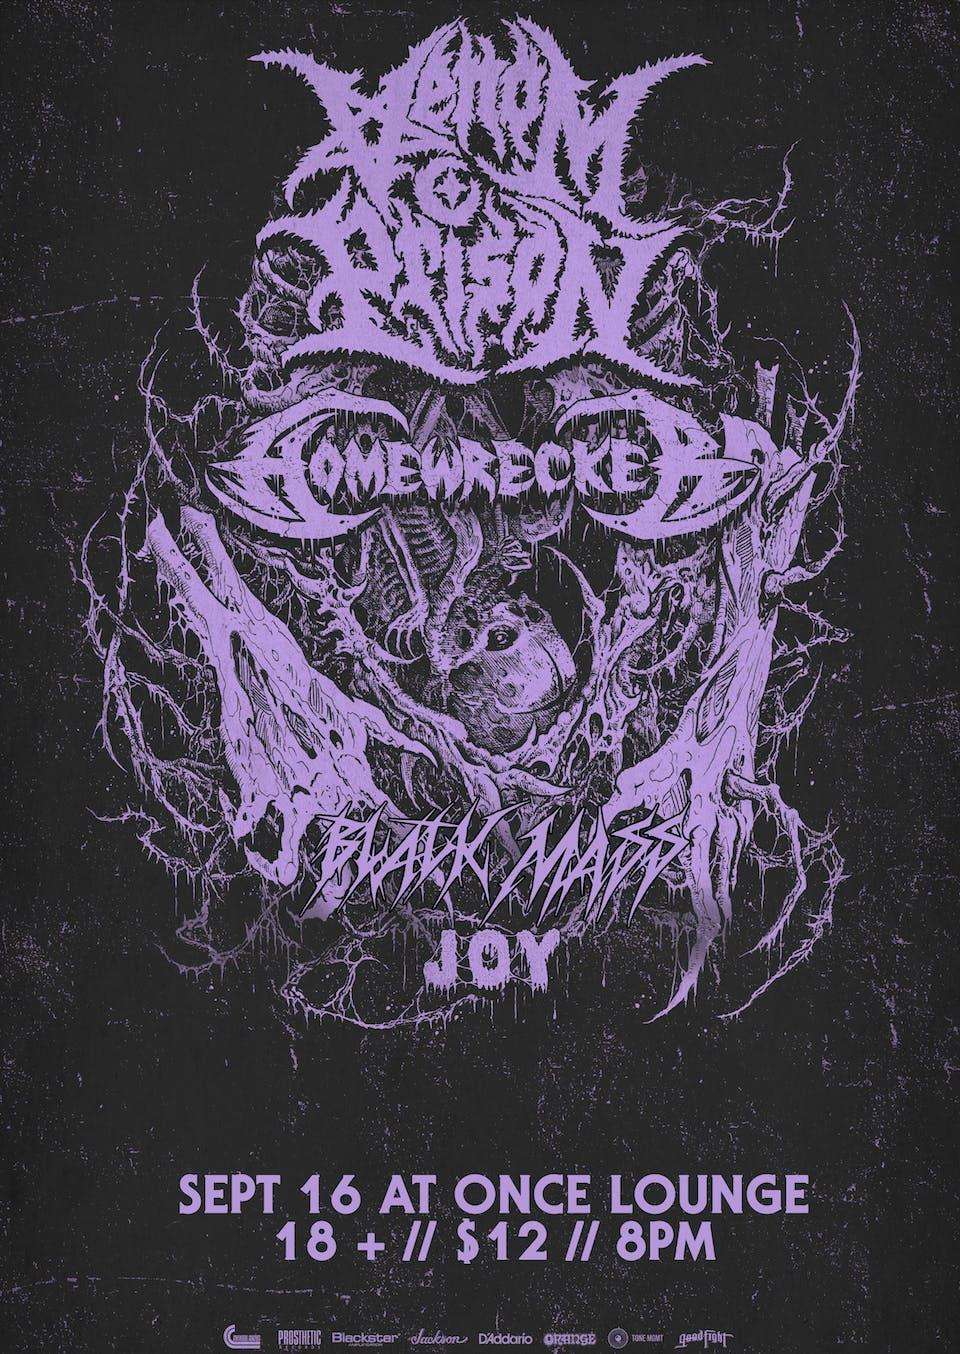 Venom Prison, Homewrecker, Black Mass, Joy